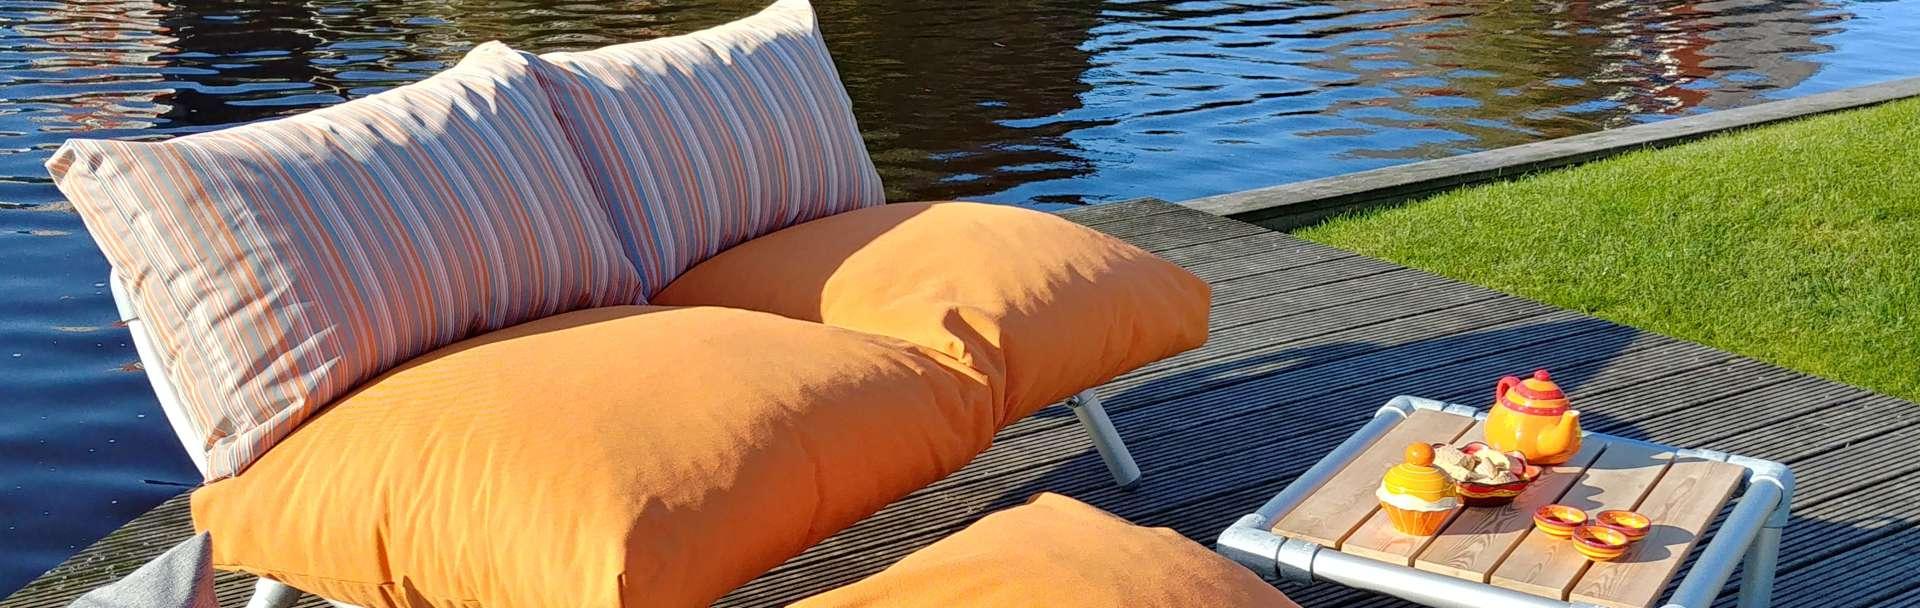 loungebank voor buiten in de tuin met los gevulde kussens in de kleur oranje